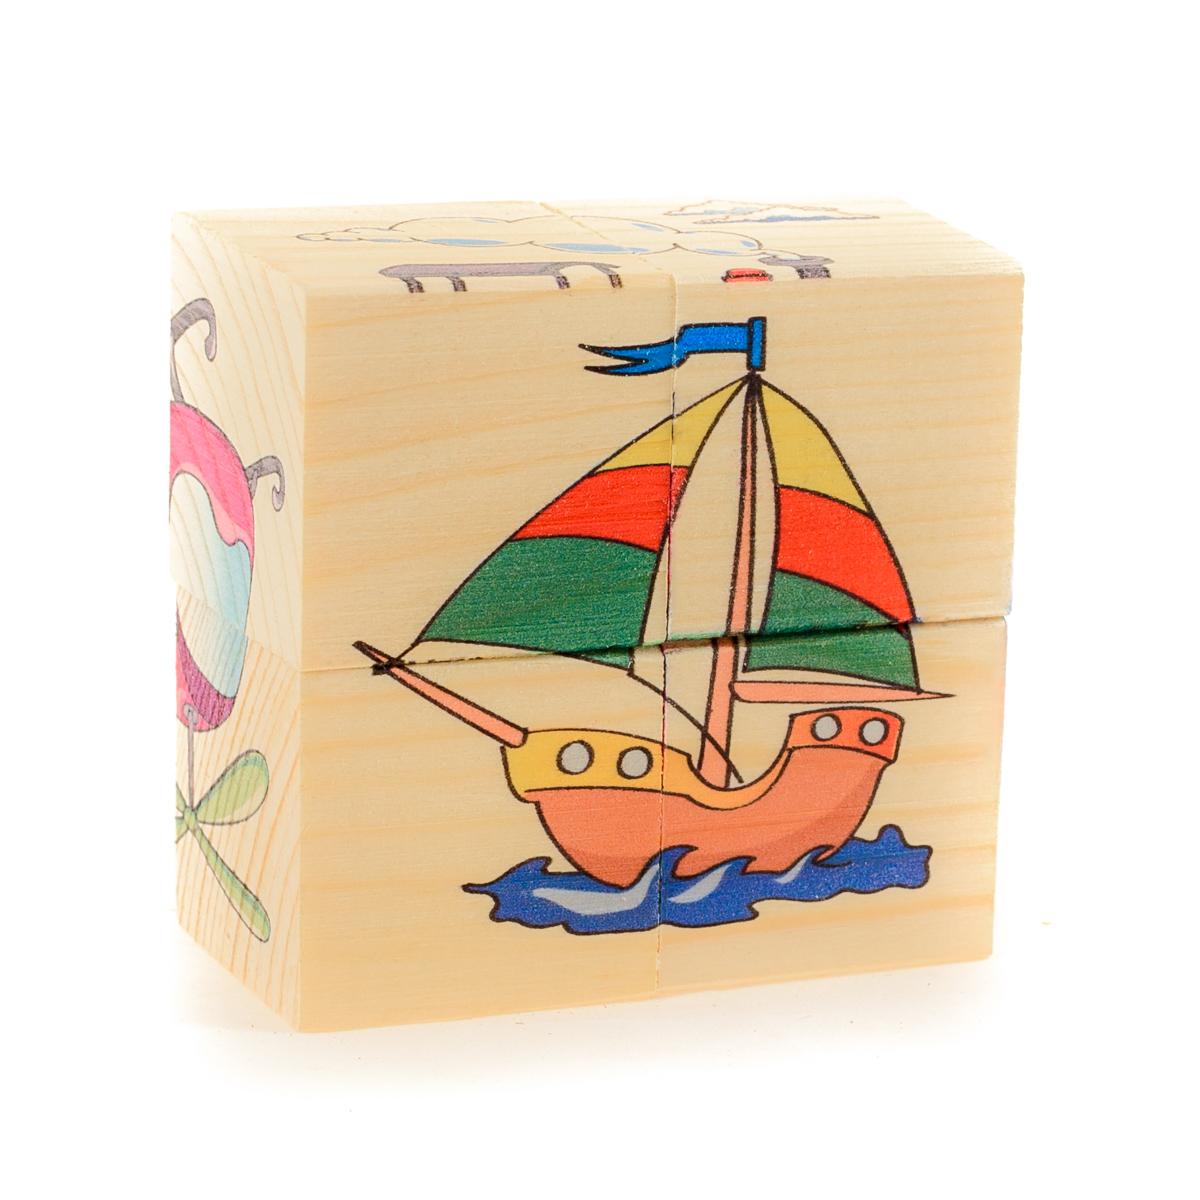 Развивающие деревянные игрушки Кубики Транспорт Д483а деревянные игрушки анданте кубики пазл транспорт